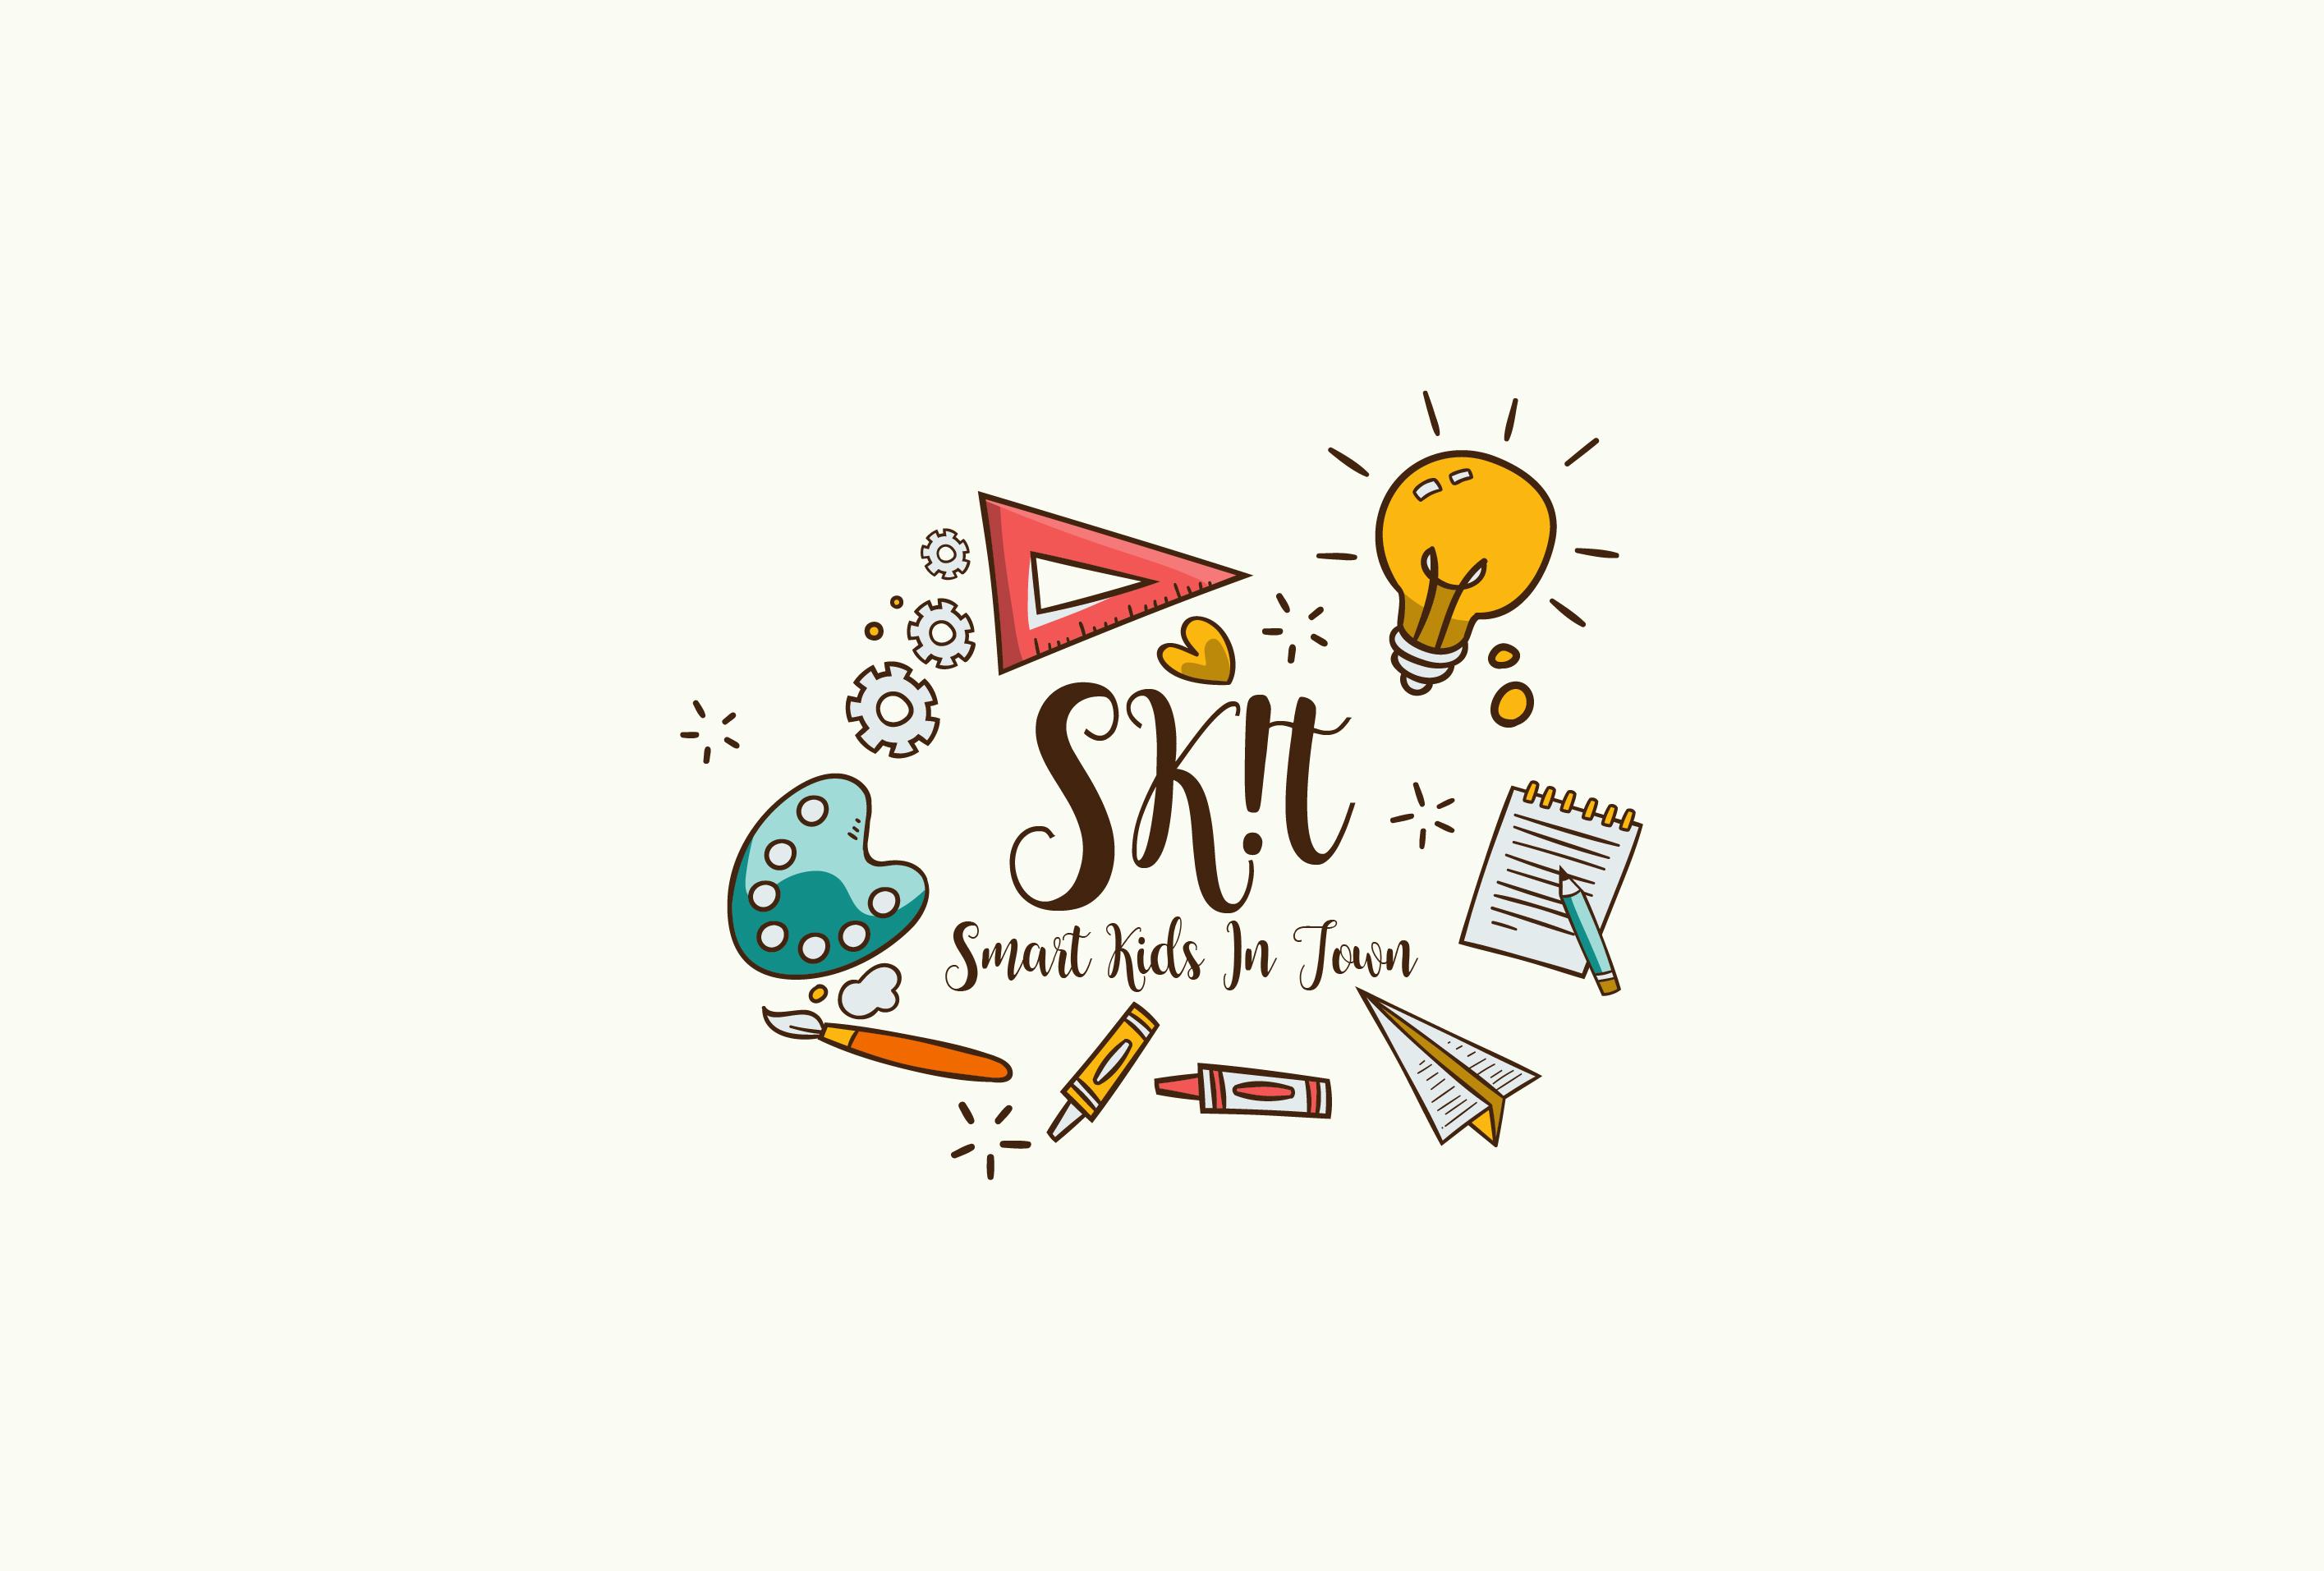 Smart Kids In Town's logo